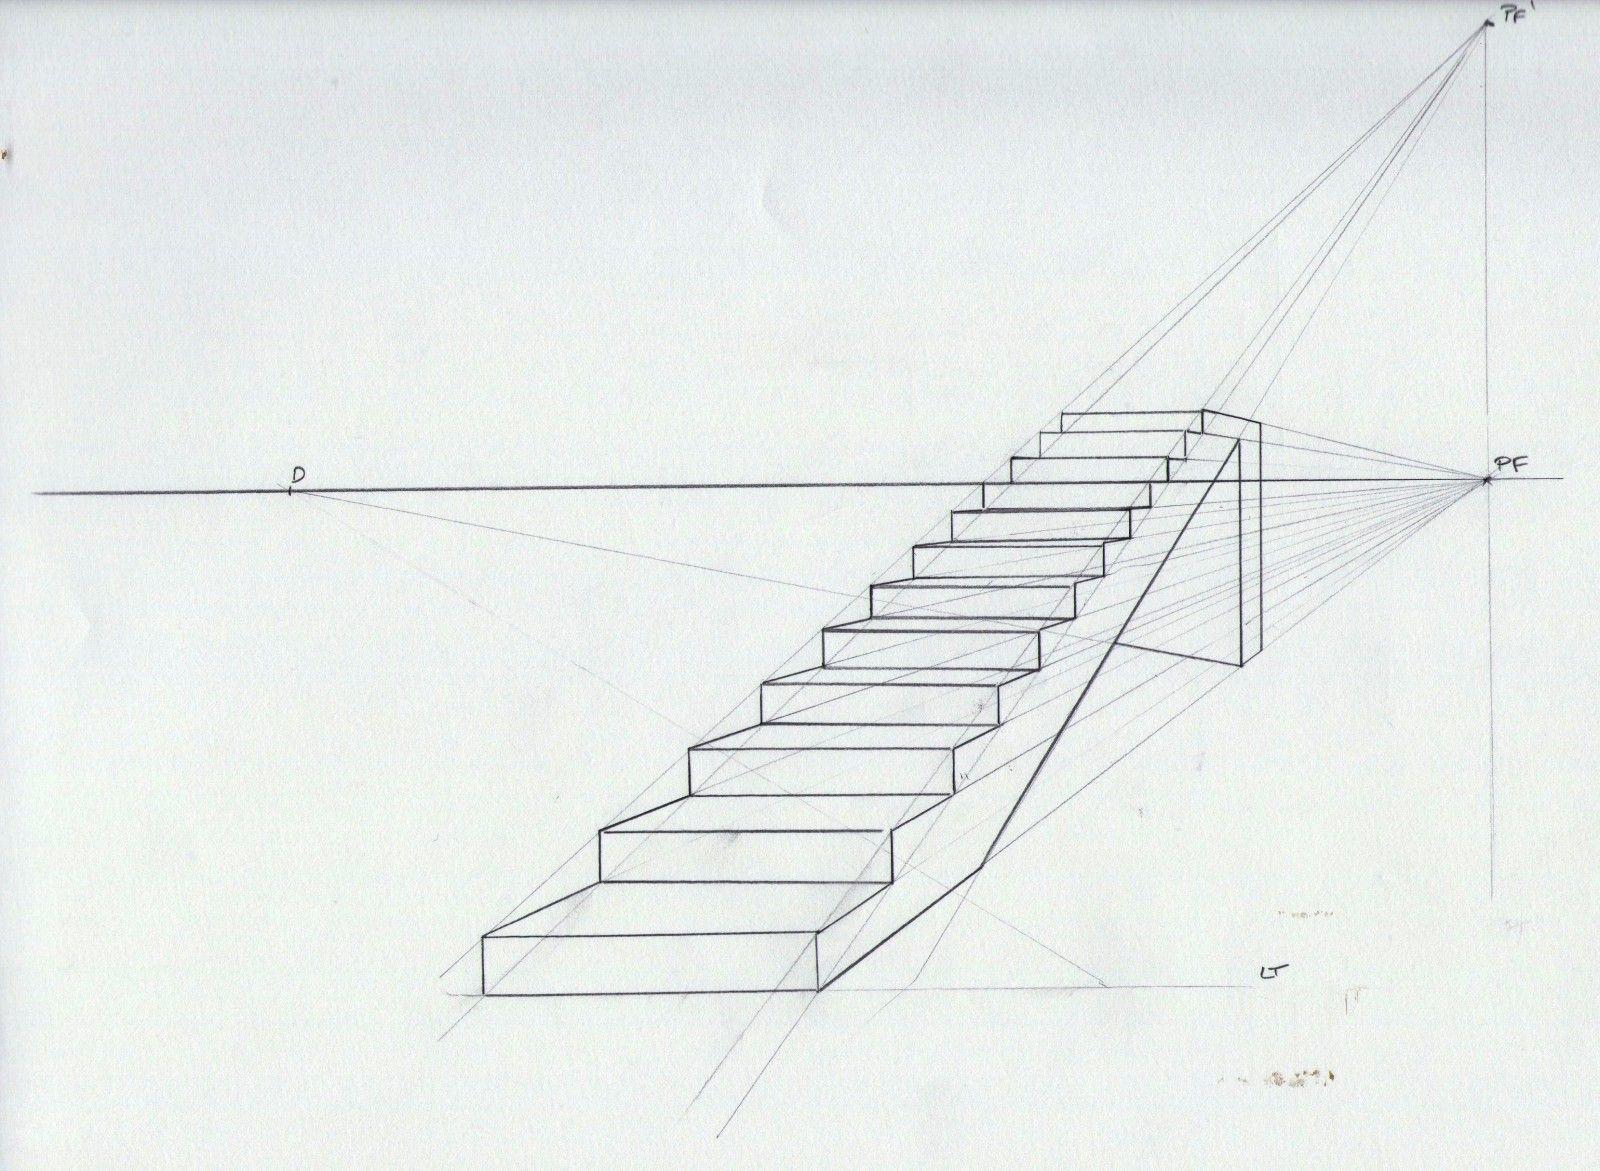 une petite astuce r u00e9vis u00e9e et compl u00e9t u00e9e pour la construction d u0026 39 un escalier  je ne sais pas si